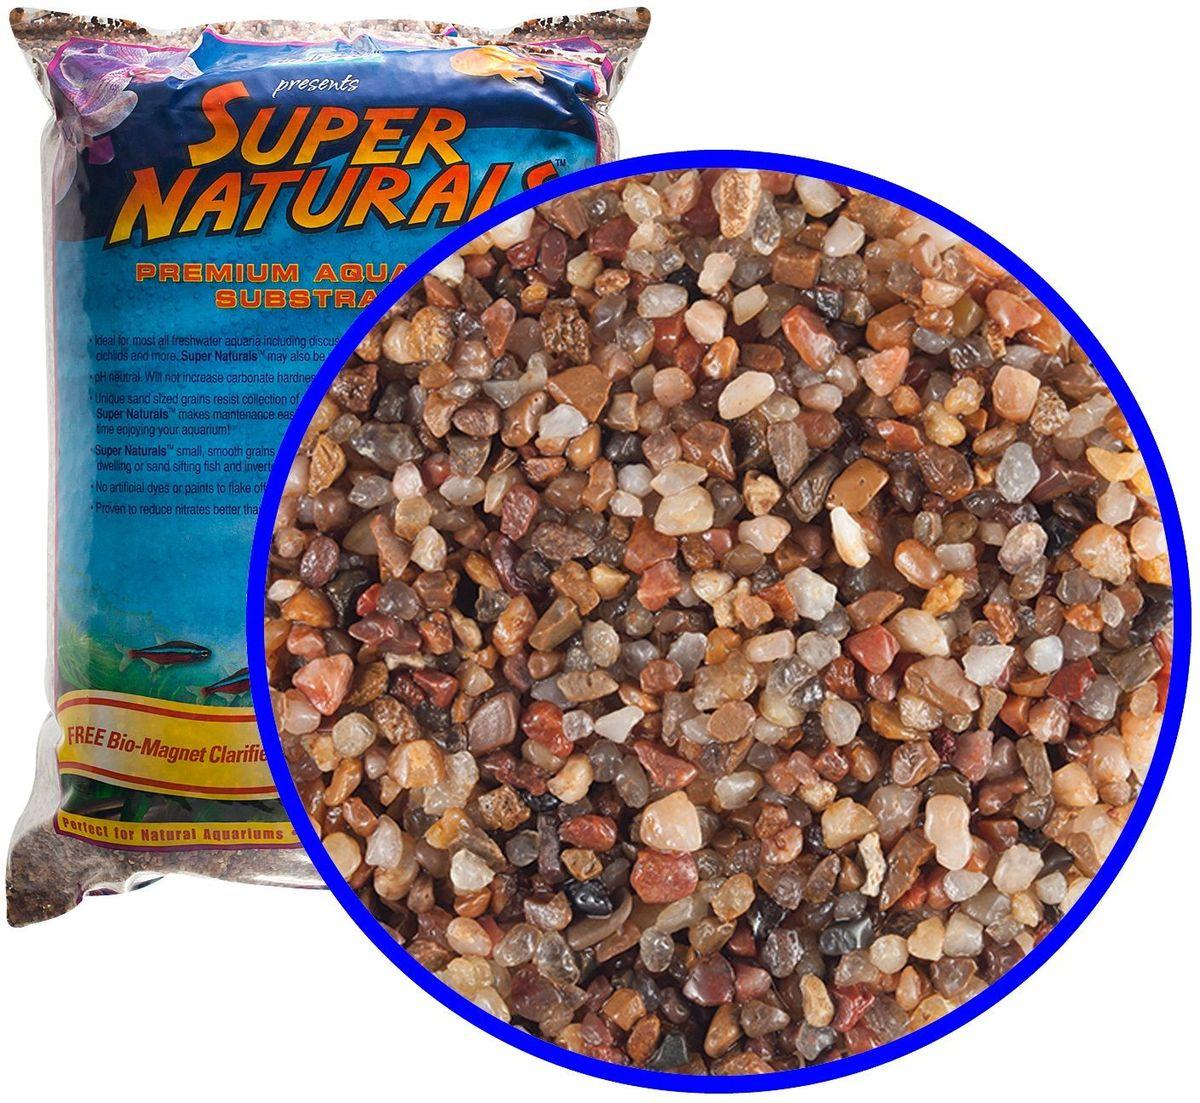 Аквагрунт пресноводный Caribsea Pease River, цвет: мульти, 1-2 мм, 9 кгг-0144Пресноводный аквагрунт Caribsea Pease River - это грунт премиум-класса с гладкими гранулами, безопасными для рыб и не препятствующими сбору отходов. Представляет собой цветной кристаллический песок. Имеет нейтральный уровень pH, не увеличивает карбонатную жесткость. Размер 1-2 мм.